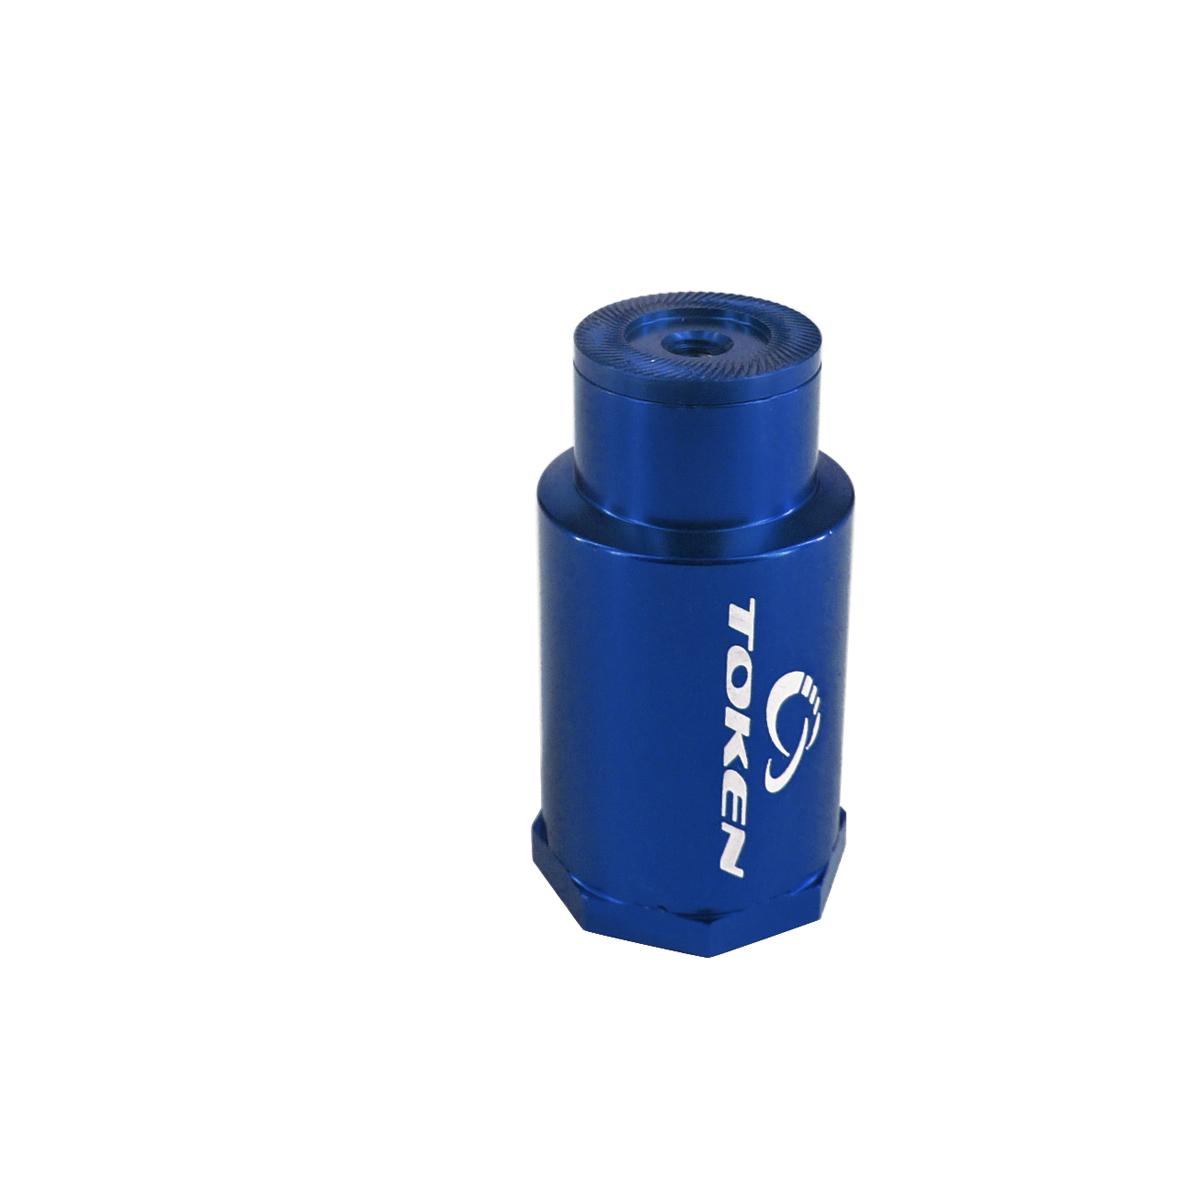 Fixation lampe token bleu 26 g